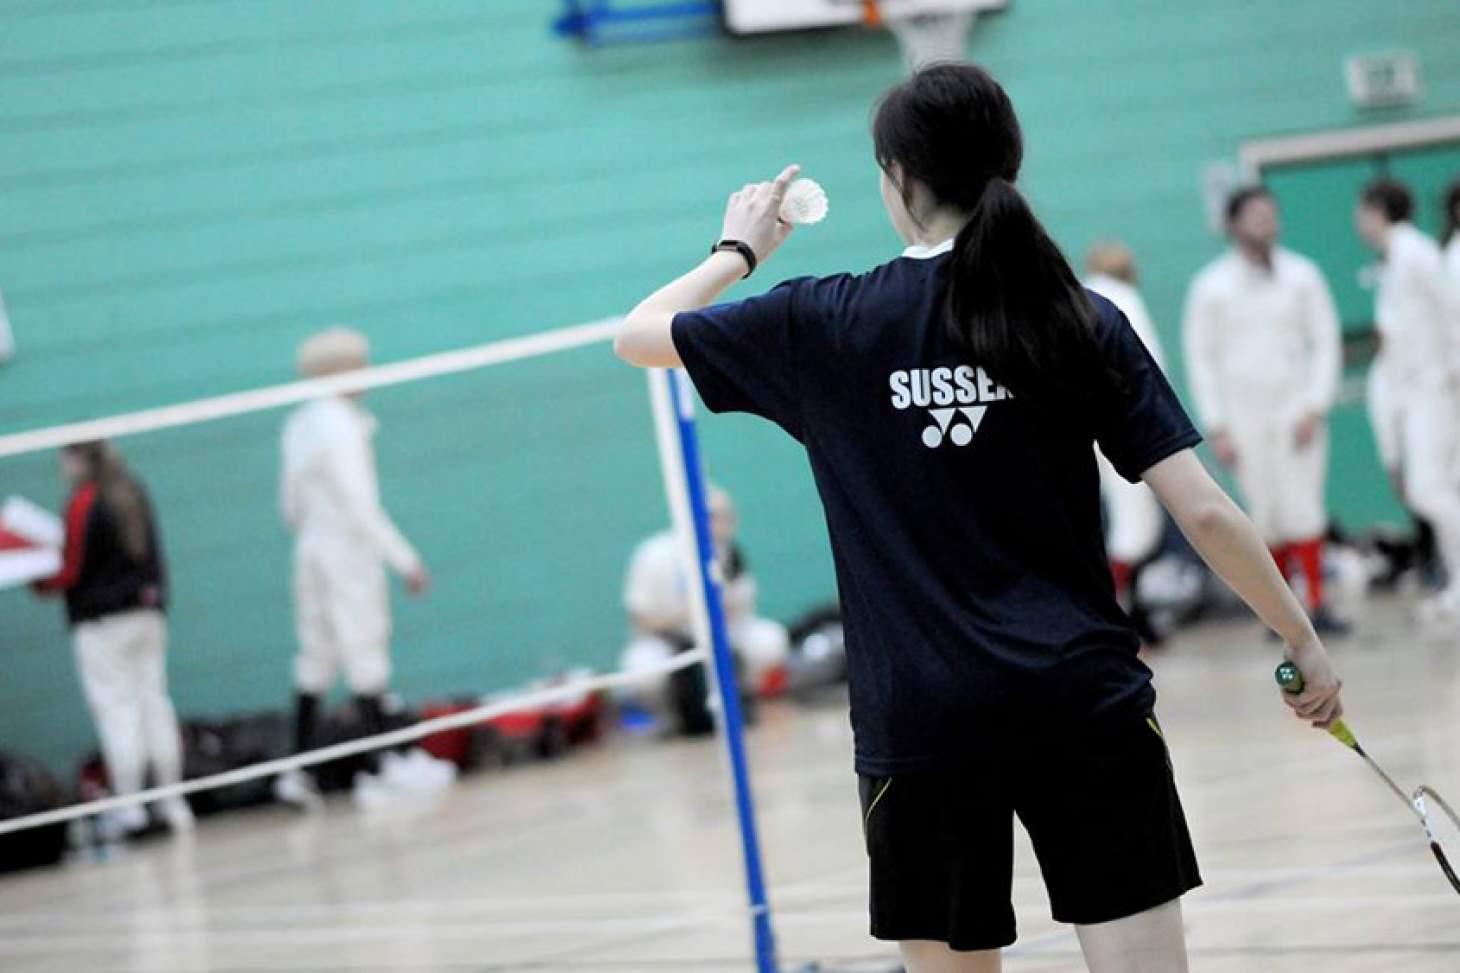 University Of Sussex Sport Centre Indoor   Hard badminton court